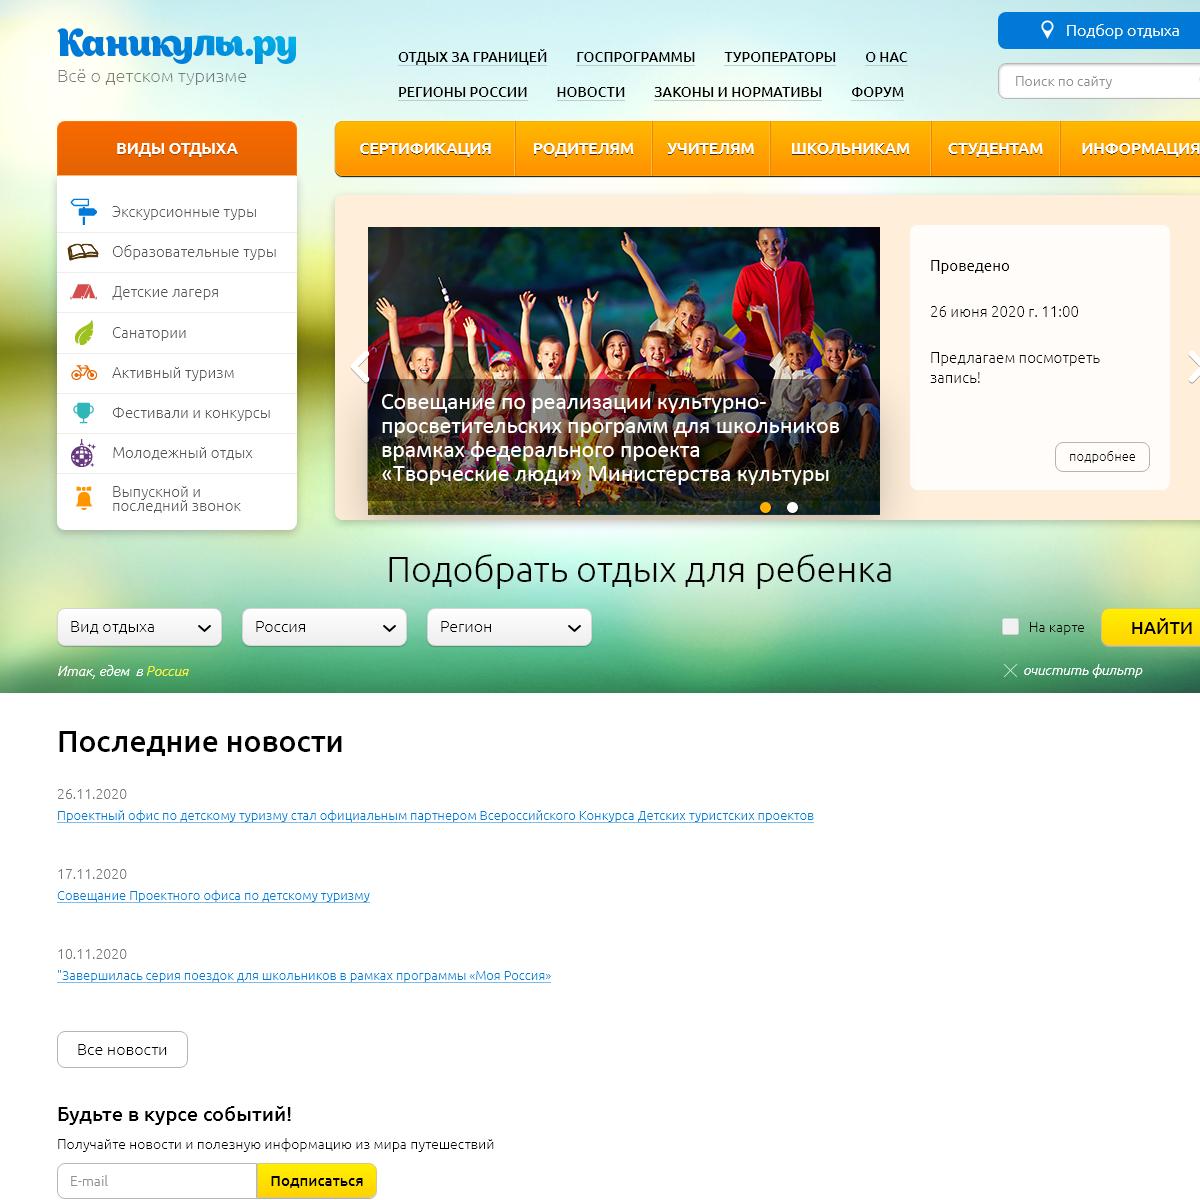 Каникулы.ру — портал детского туризма